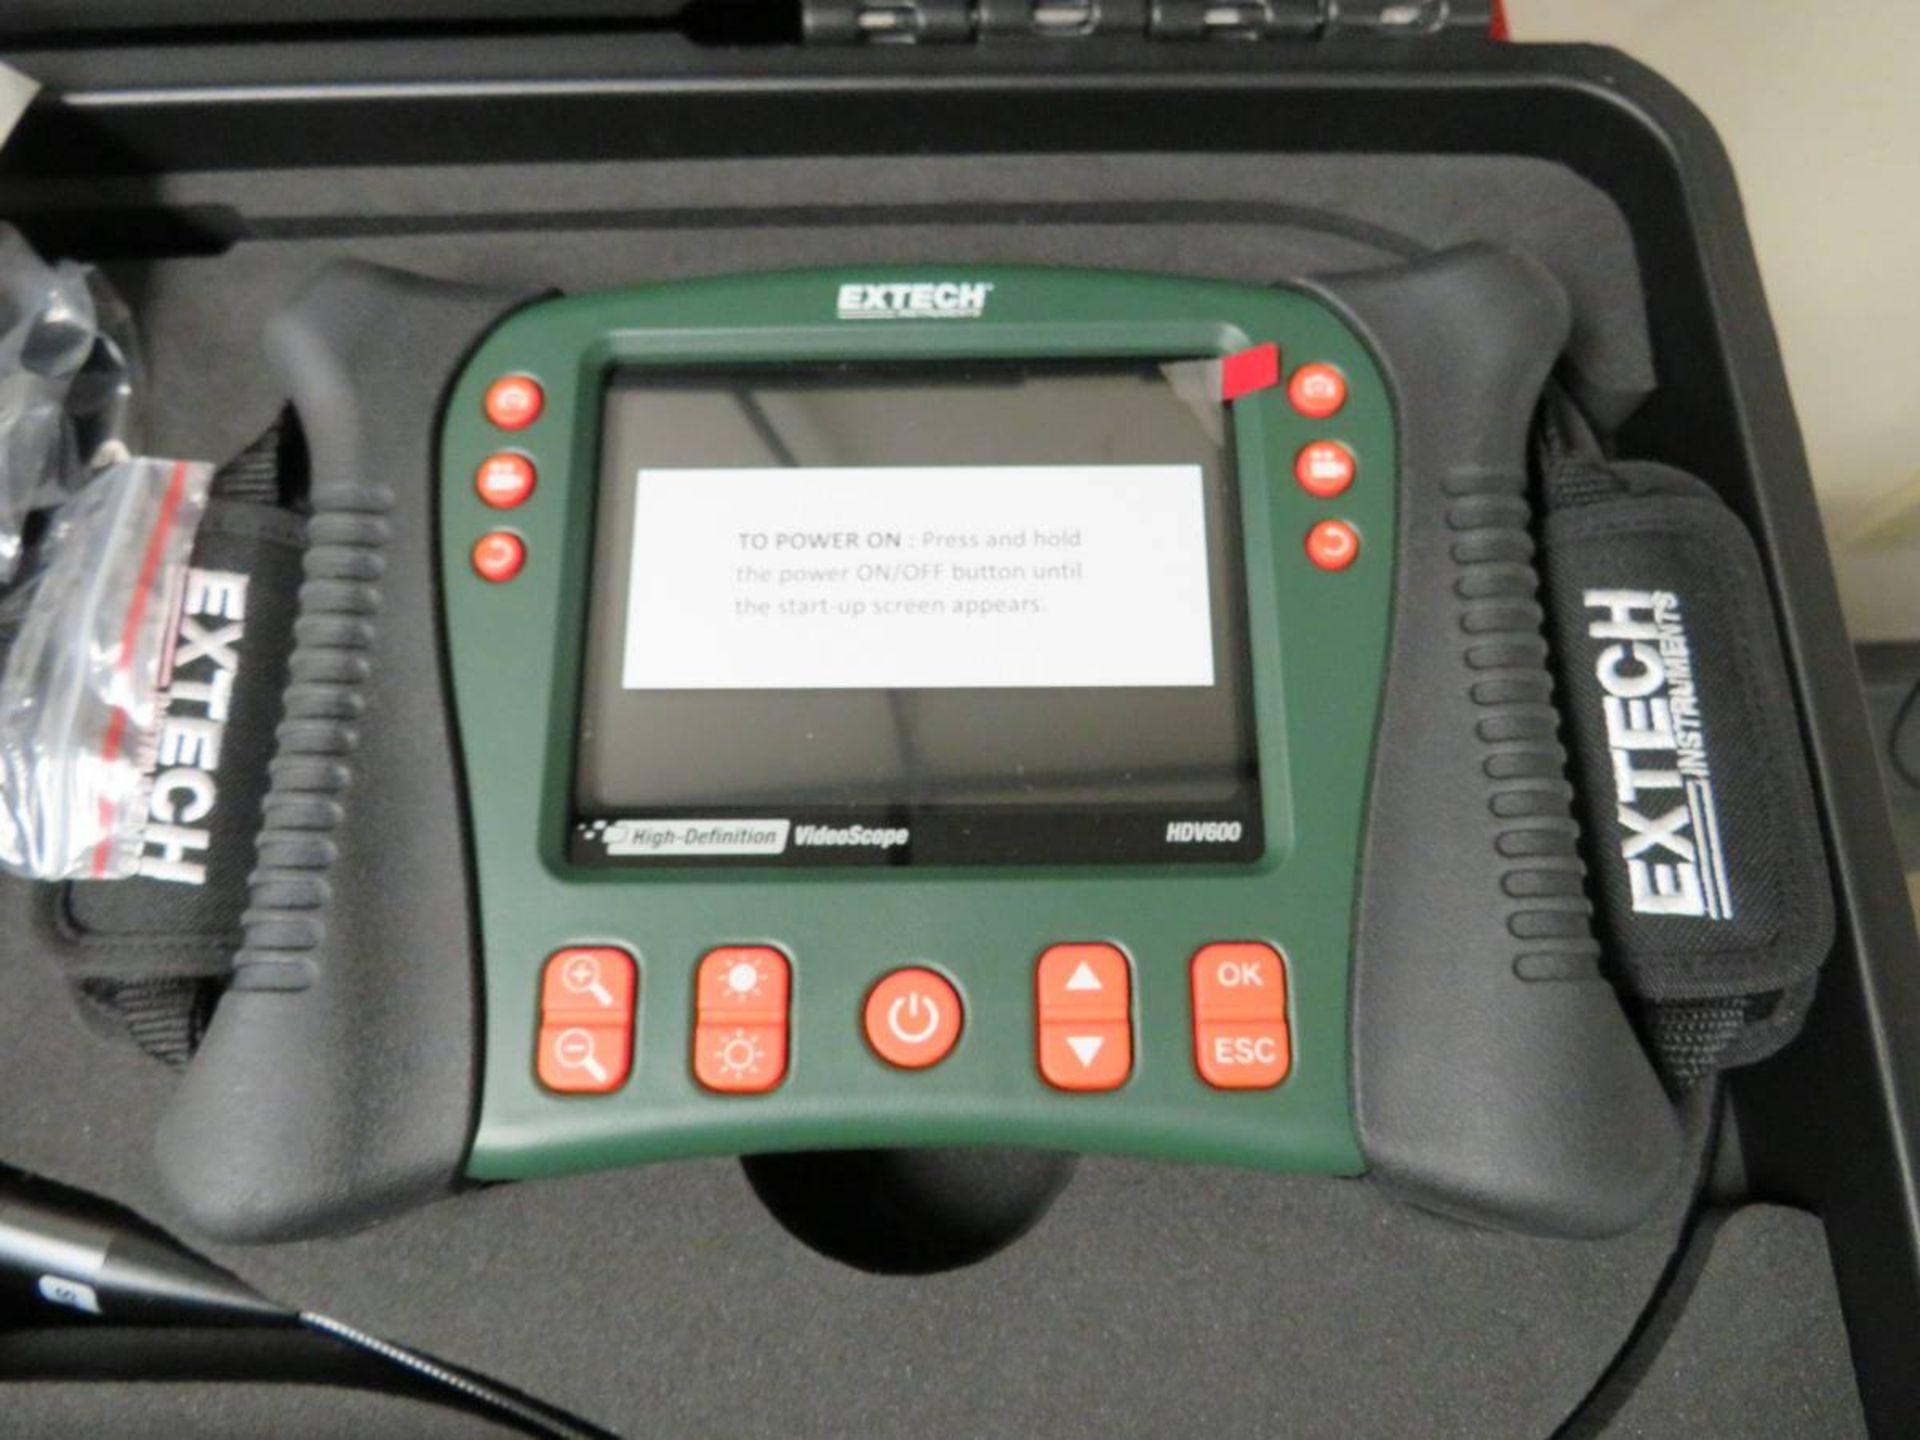 Lot 347 - Extech HDV600 High Definition VideoScope